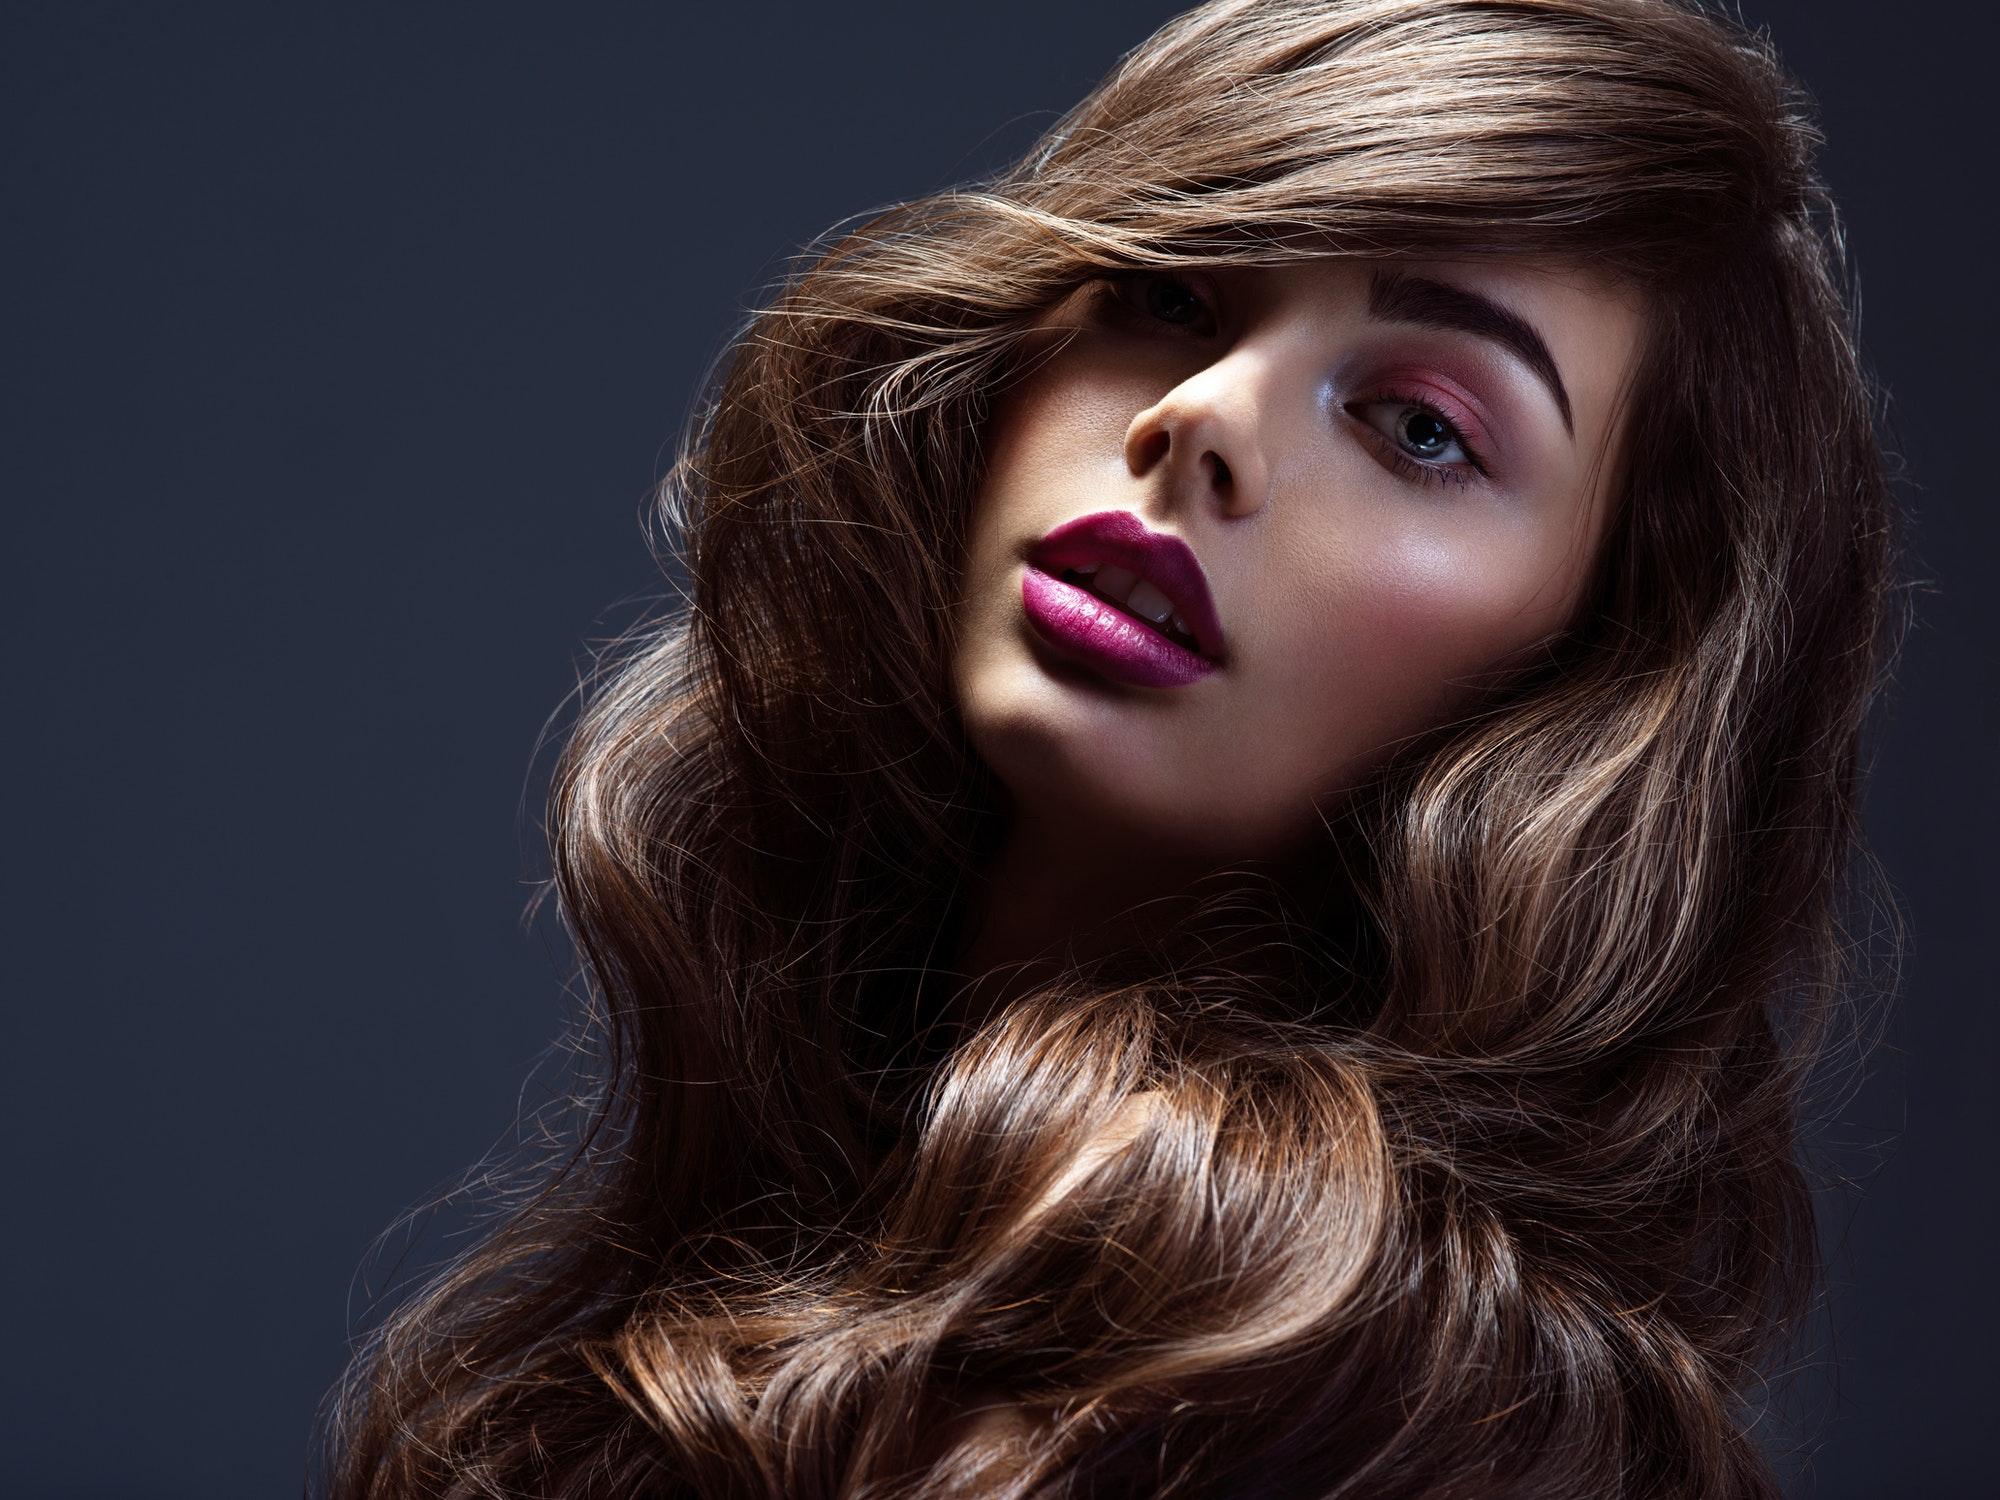 Rostro de una bella mujer con cabello largo y rizado castaño. Modelo de moda con peinado ondulado.